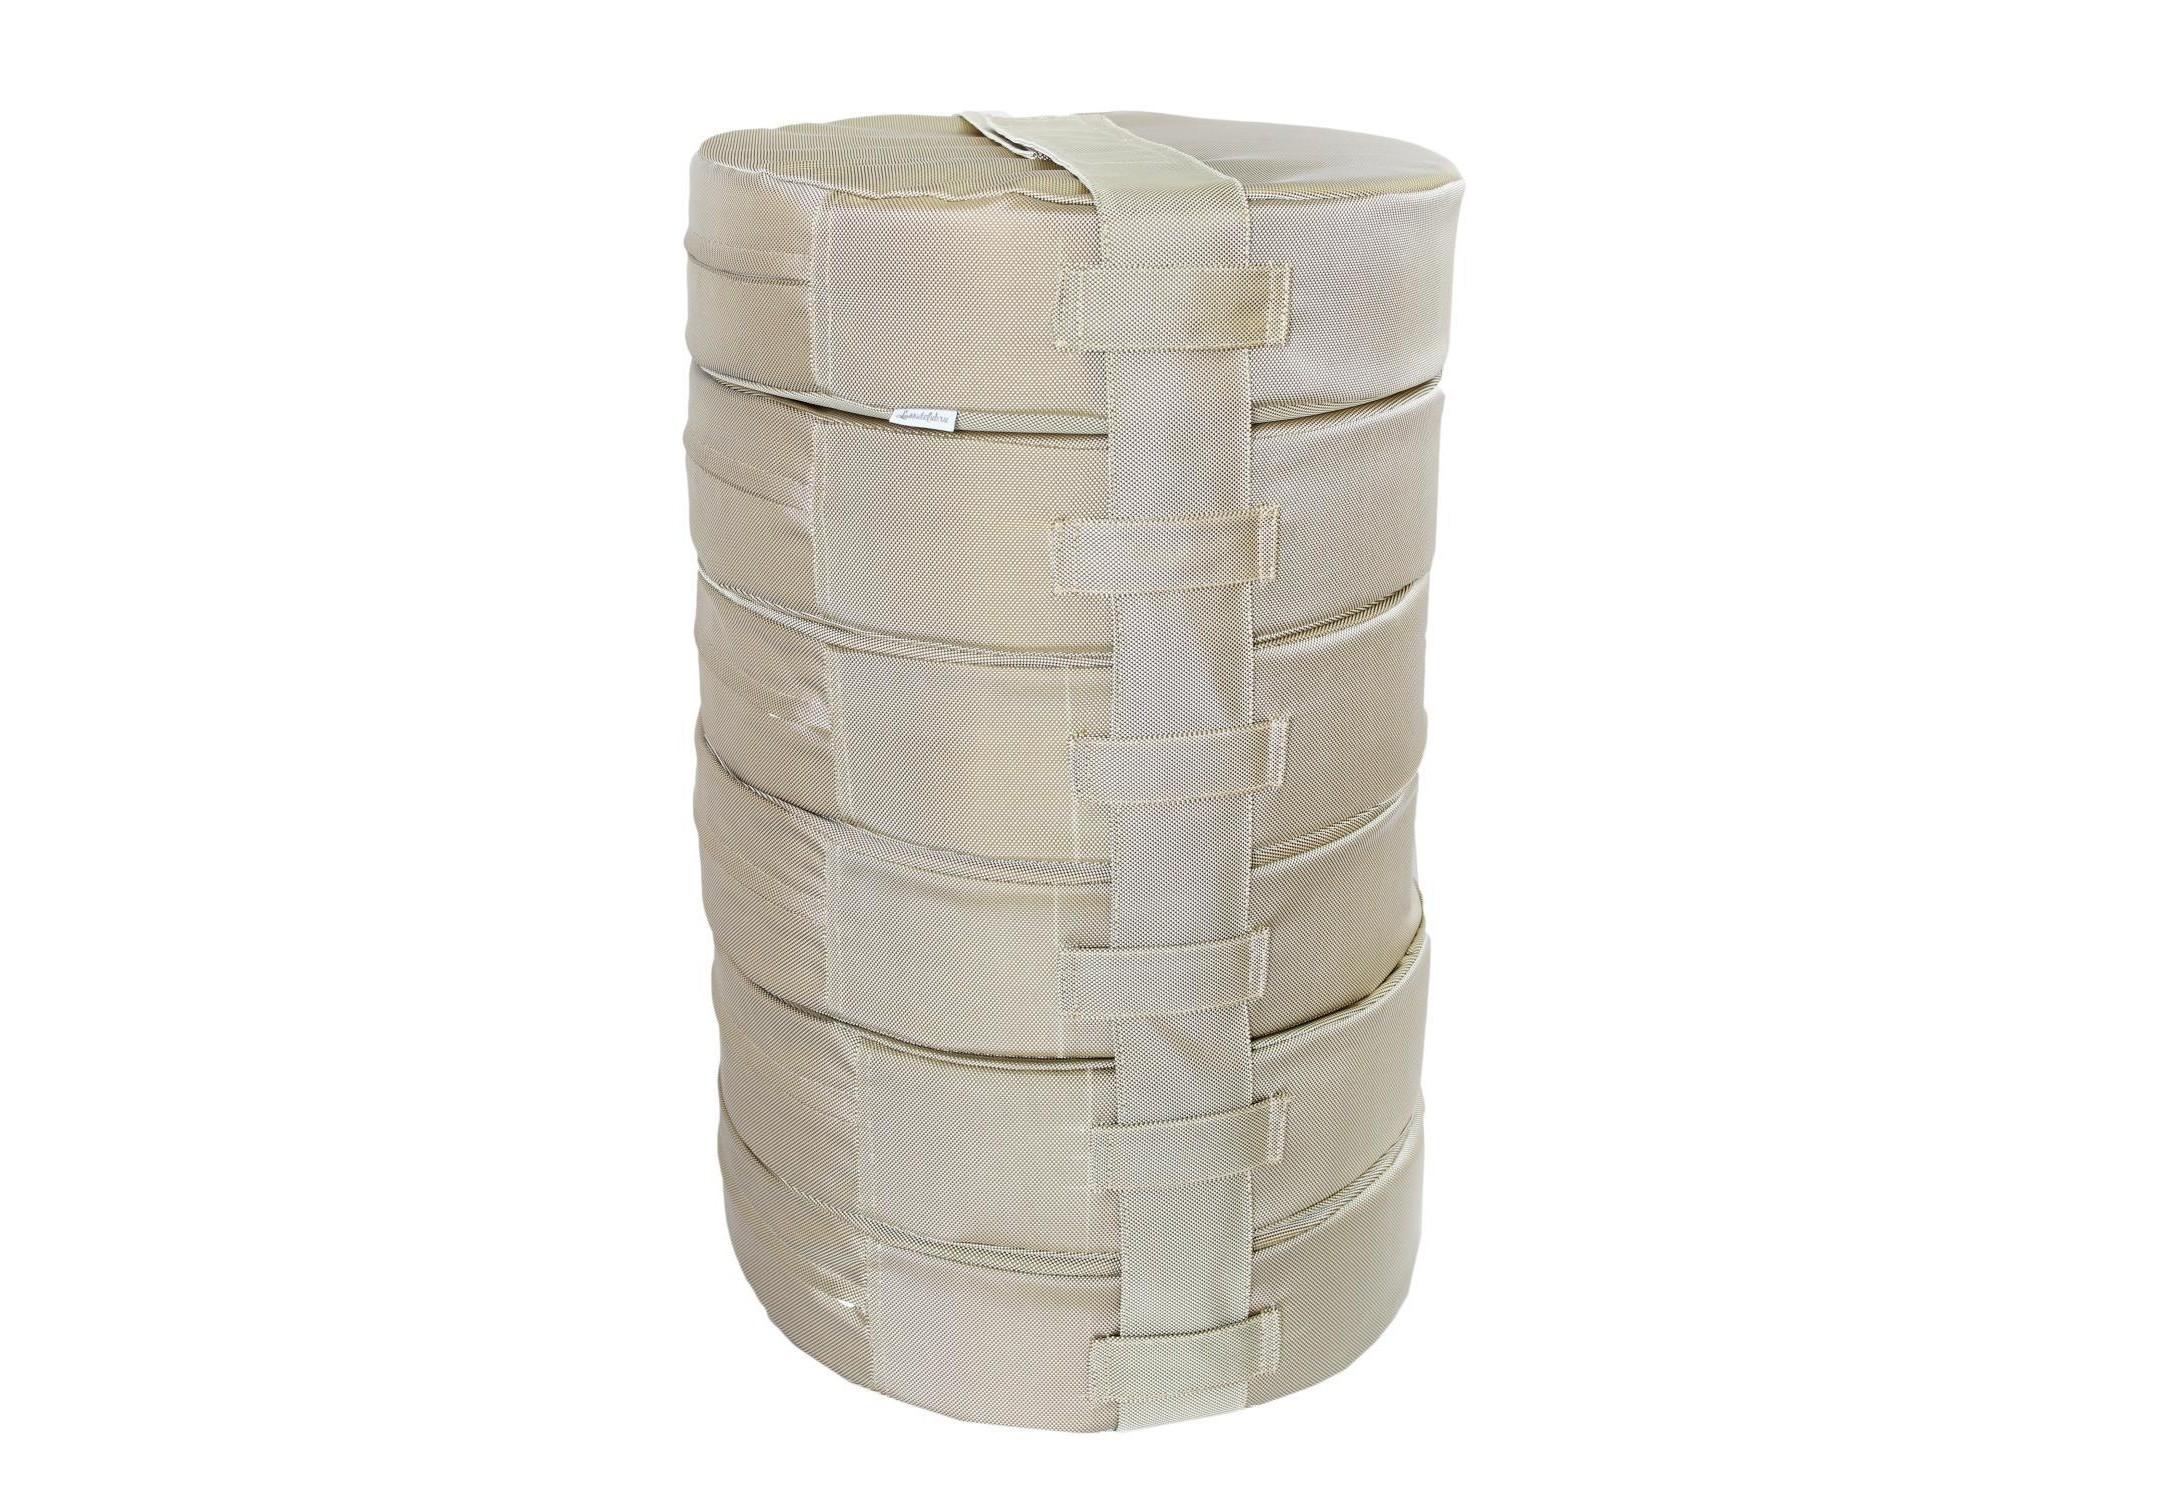 Подушка на пол Wood (6шт)Форменные пуфы<br>Мягкие и очень удобные подушки на пол из водооталкивающей ткани с наполнителем из поролона станут функциональным предметом для комфортного отдыха. Контраст вставки с основным цветом изделия добавит изюминку в ваше пространство! Подушка сшита из очень плотной ткани с водооталкивающей пропиткой с внешней стороны, поэтому идеально подойдет для уличного декора. Набор подушек удобно хранить и перевозить в машине, за счет компактной упаковки. При загрязнении ее достаточно протереть влажной салфеткой!&amp;amp;nbsp;&amp;lt;div&amp;gt;&amp;lt;br&amp;gt;&amp;lt;/div&amp;gt;&amp;lt;div&amp;gt;Размер каждой подушки 10х40 см.&amp;amp;nbsp;&amp;lt;/div&amp;gt;<br><br>Material: Текстиль<br>Height см: 60<br>Diameter см: 40